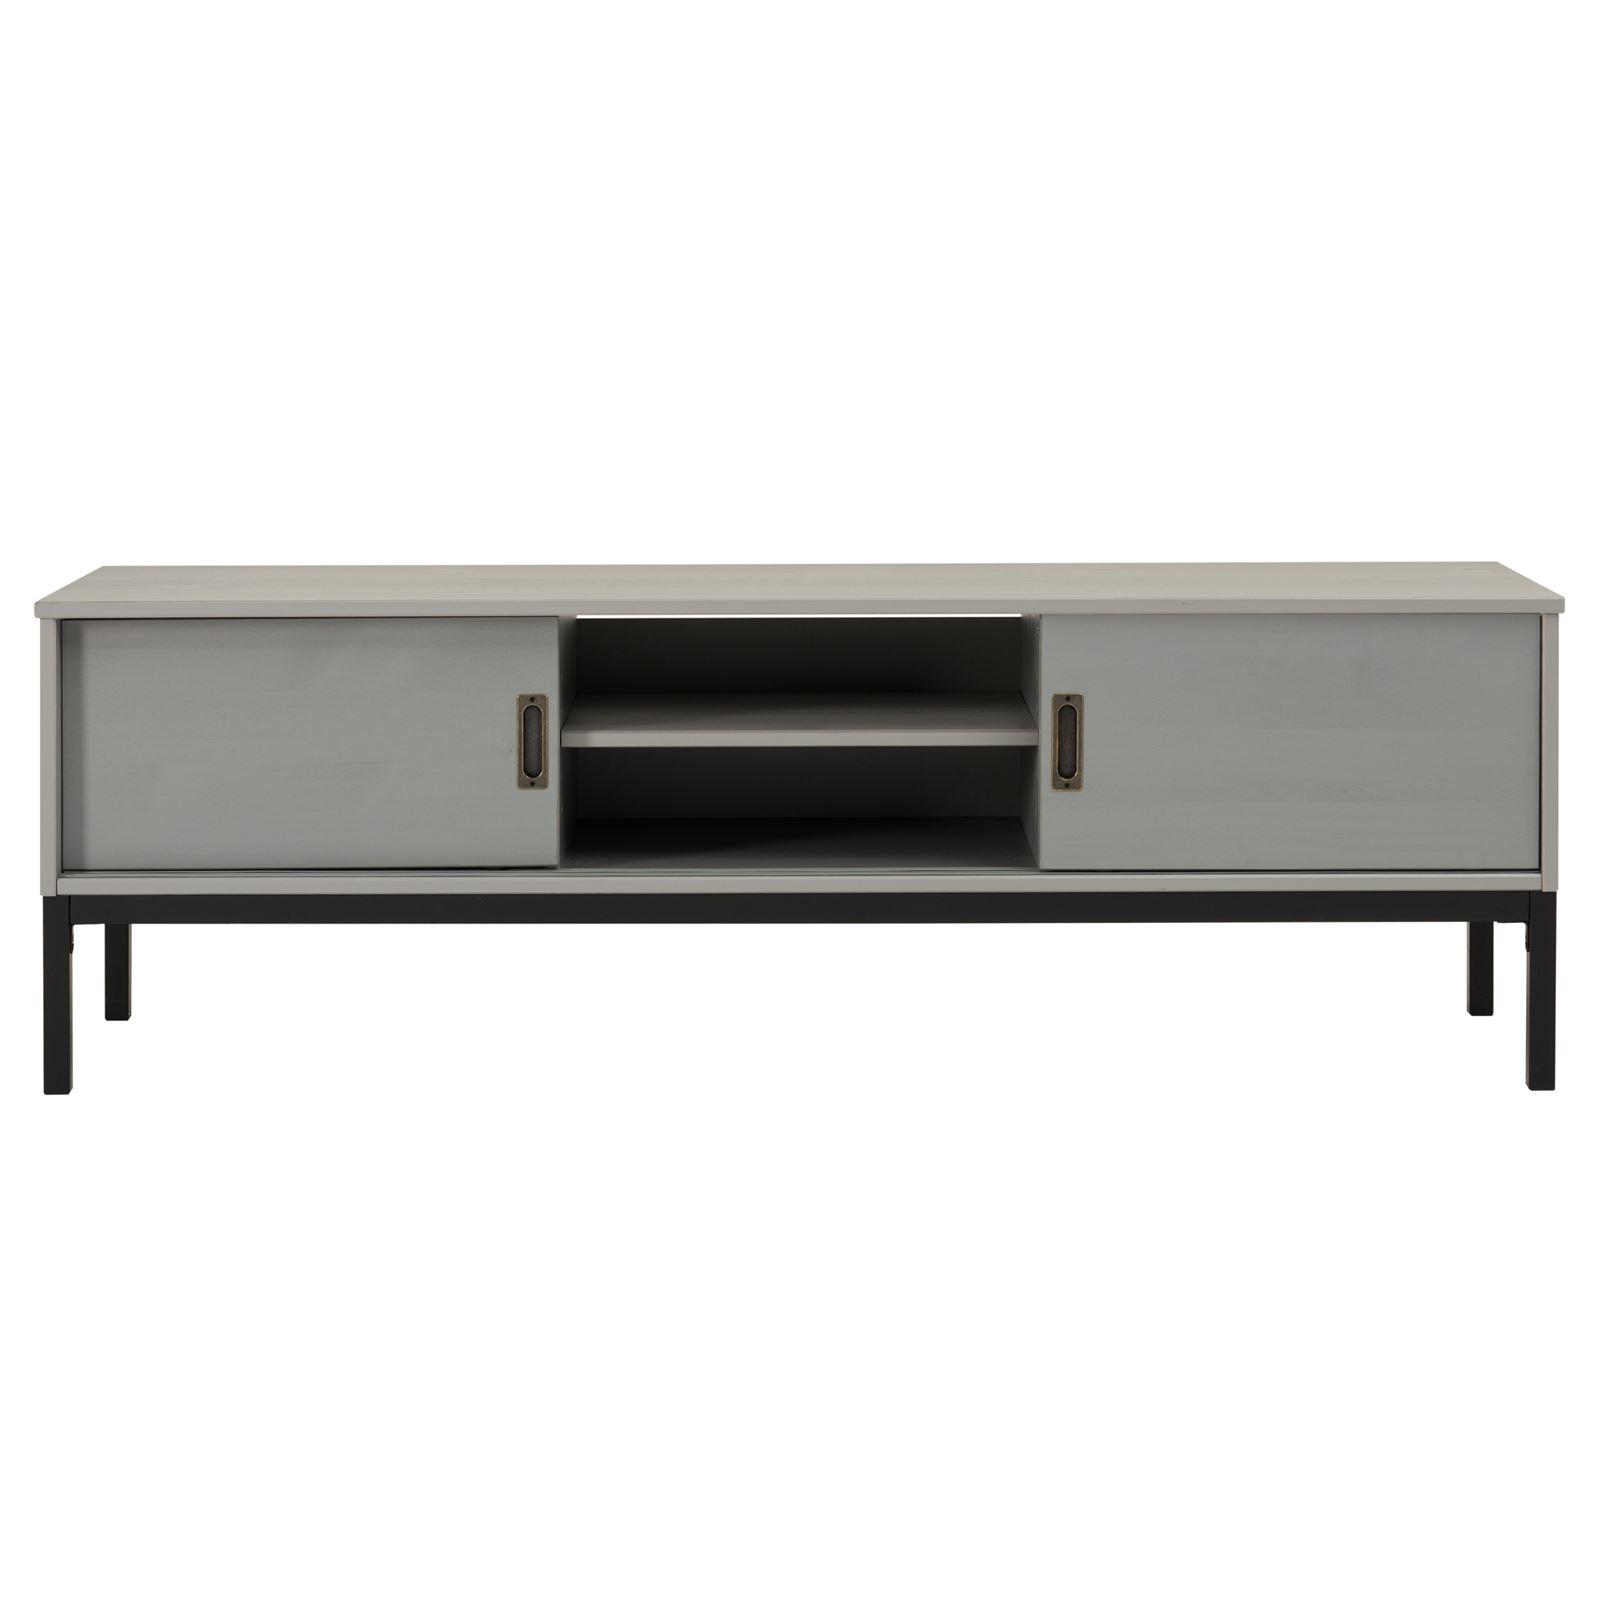 lowboard tv m bel tisch schrank fernsehtisch fernsehschrank industrial design ebay. Black Bedroom Furniture Sets. Home Design Ideas